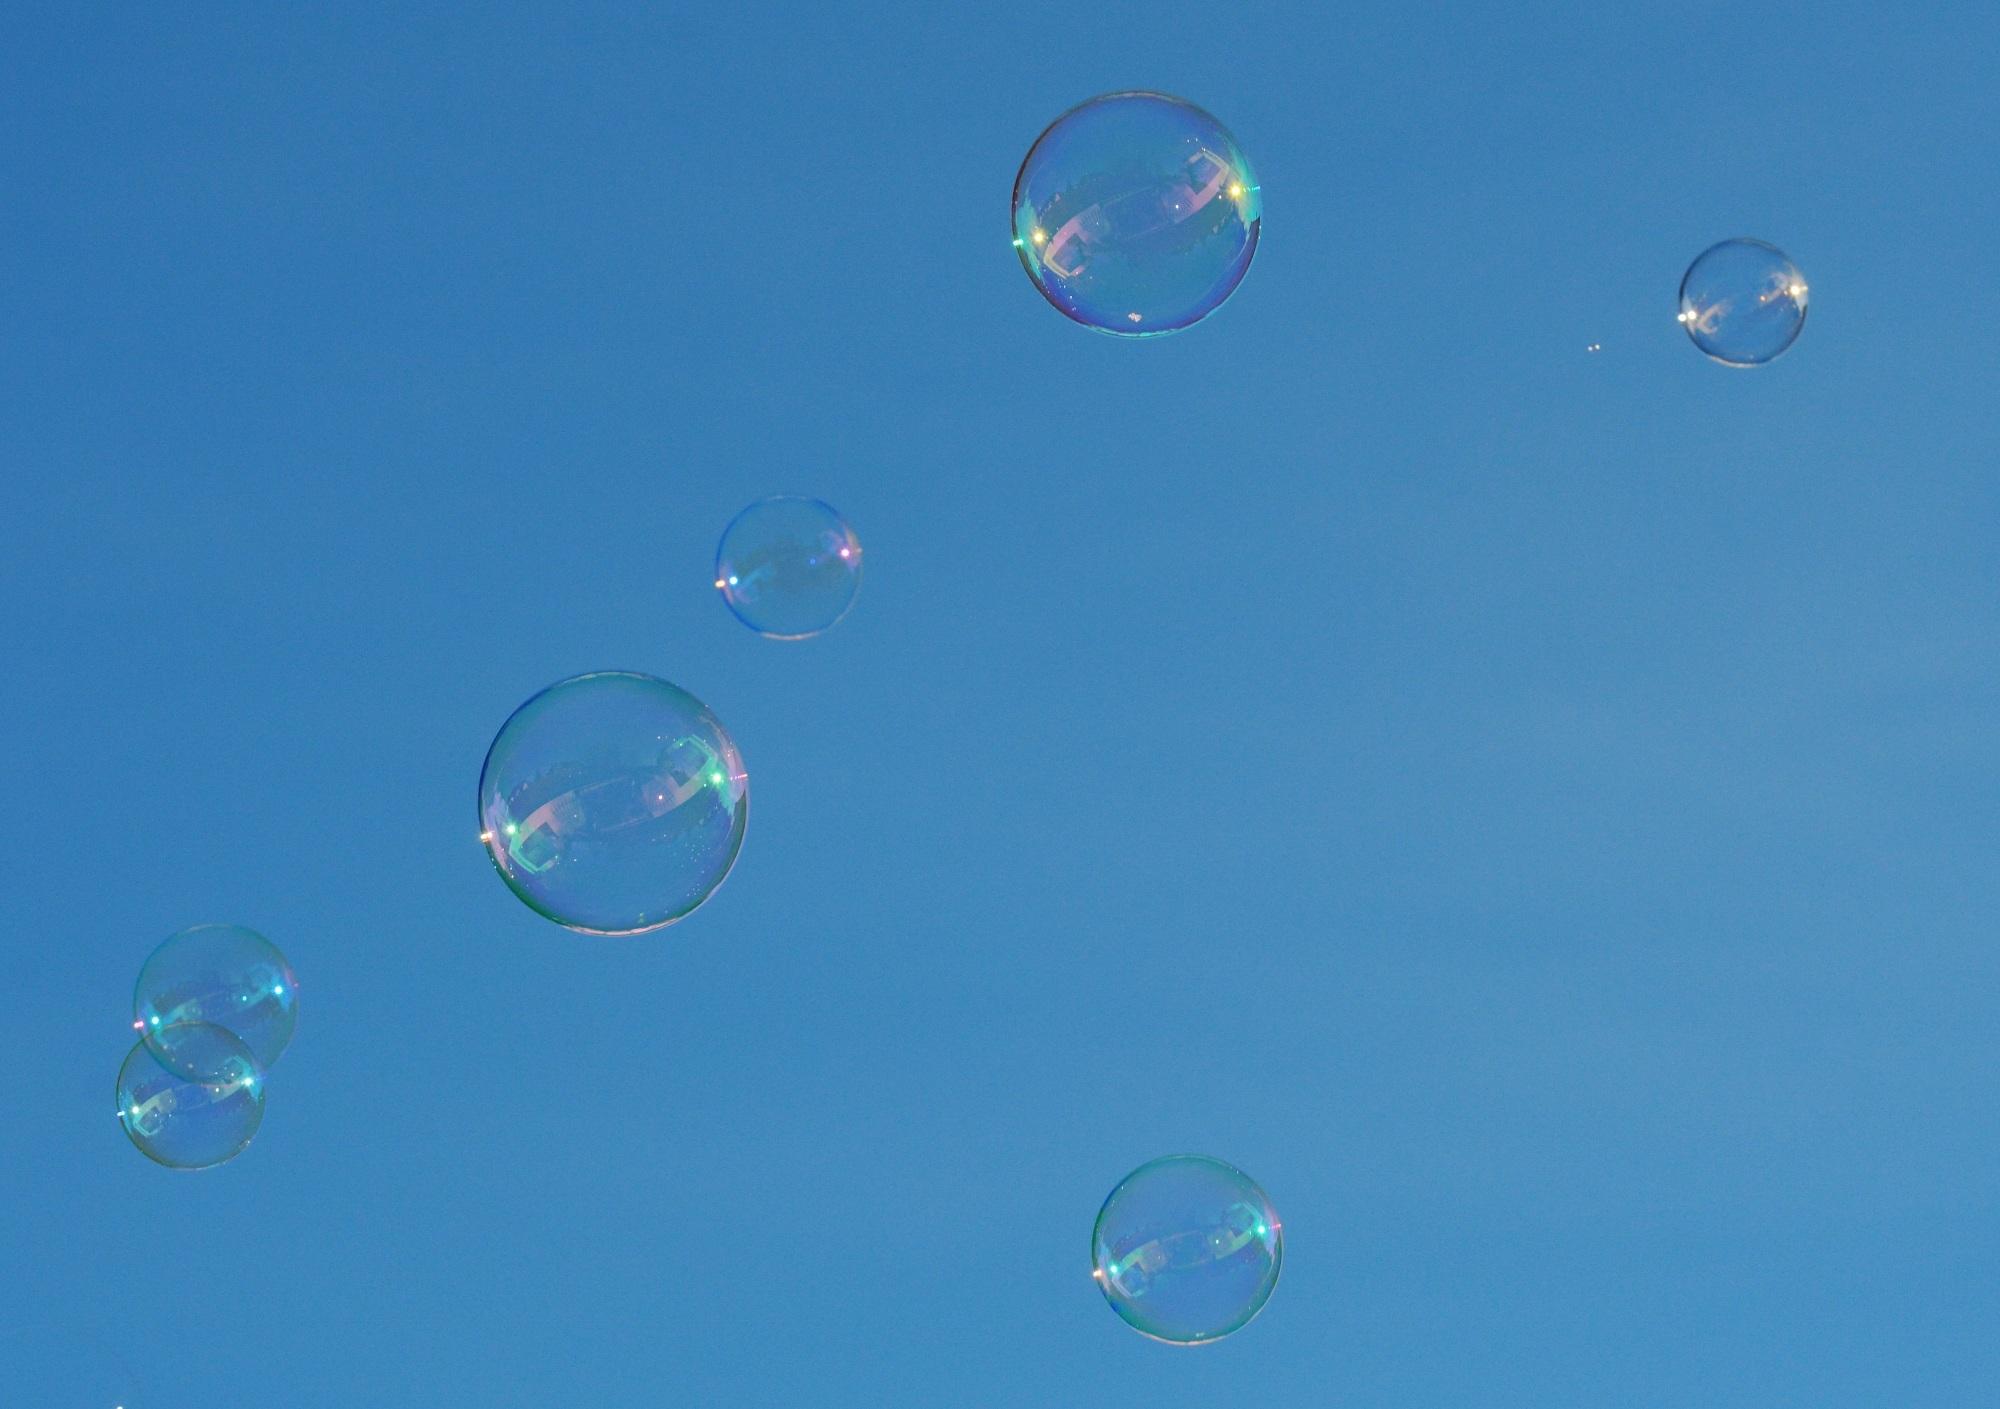 Картинки пузырьков для фото